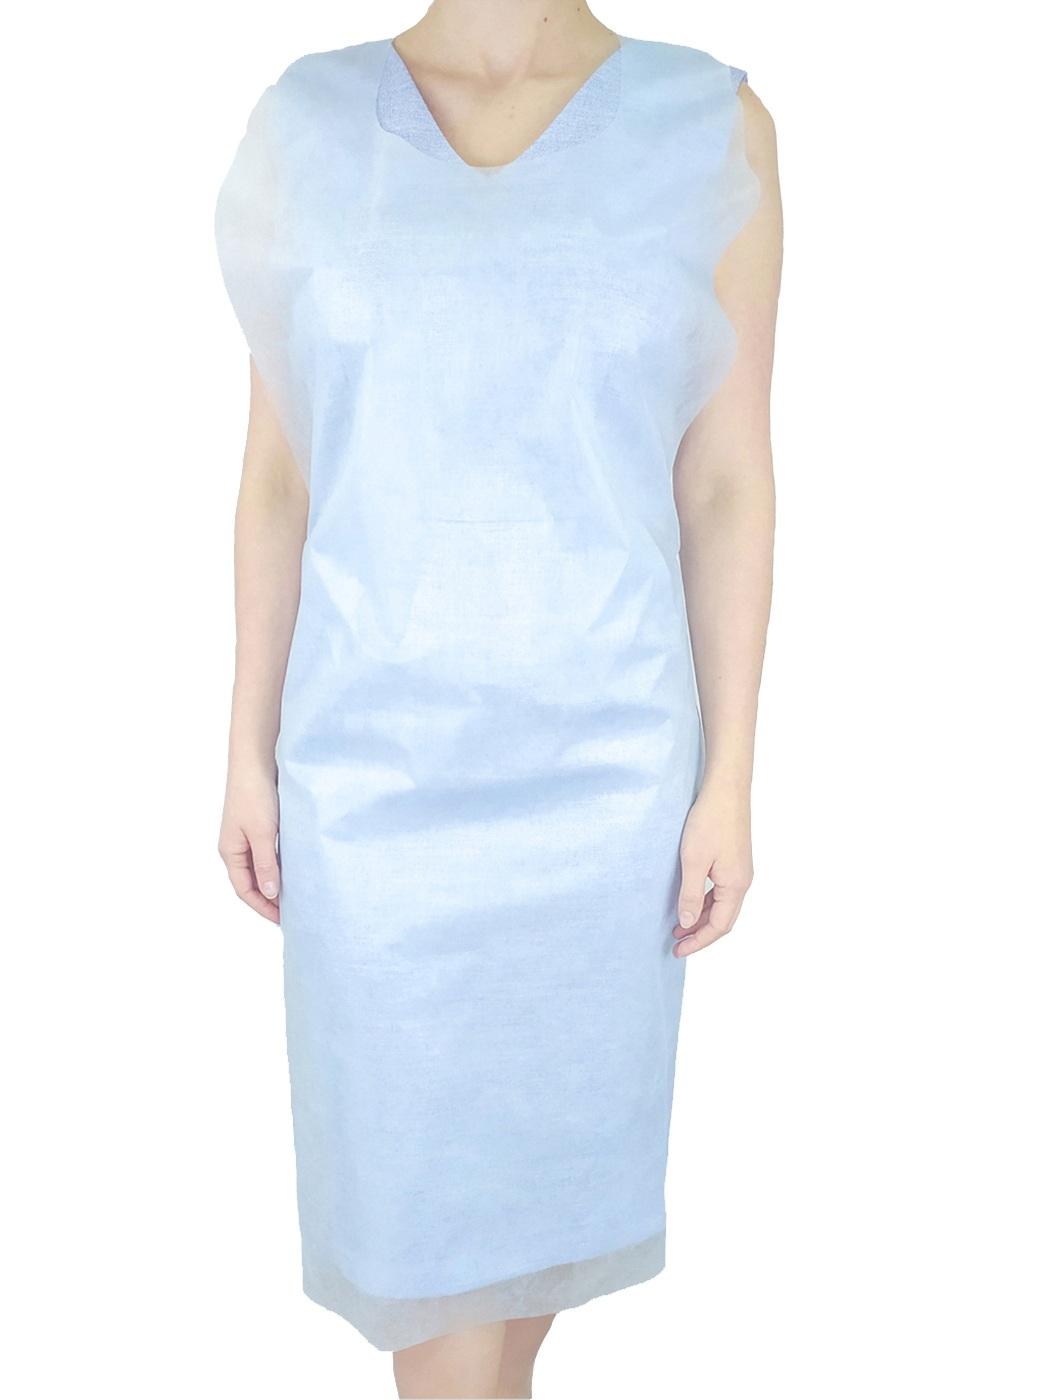 AVEMOD Фартук АХ4, размер 48-54, цвет белый